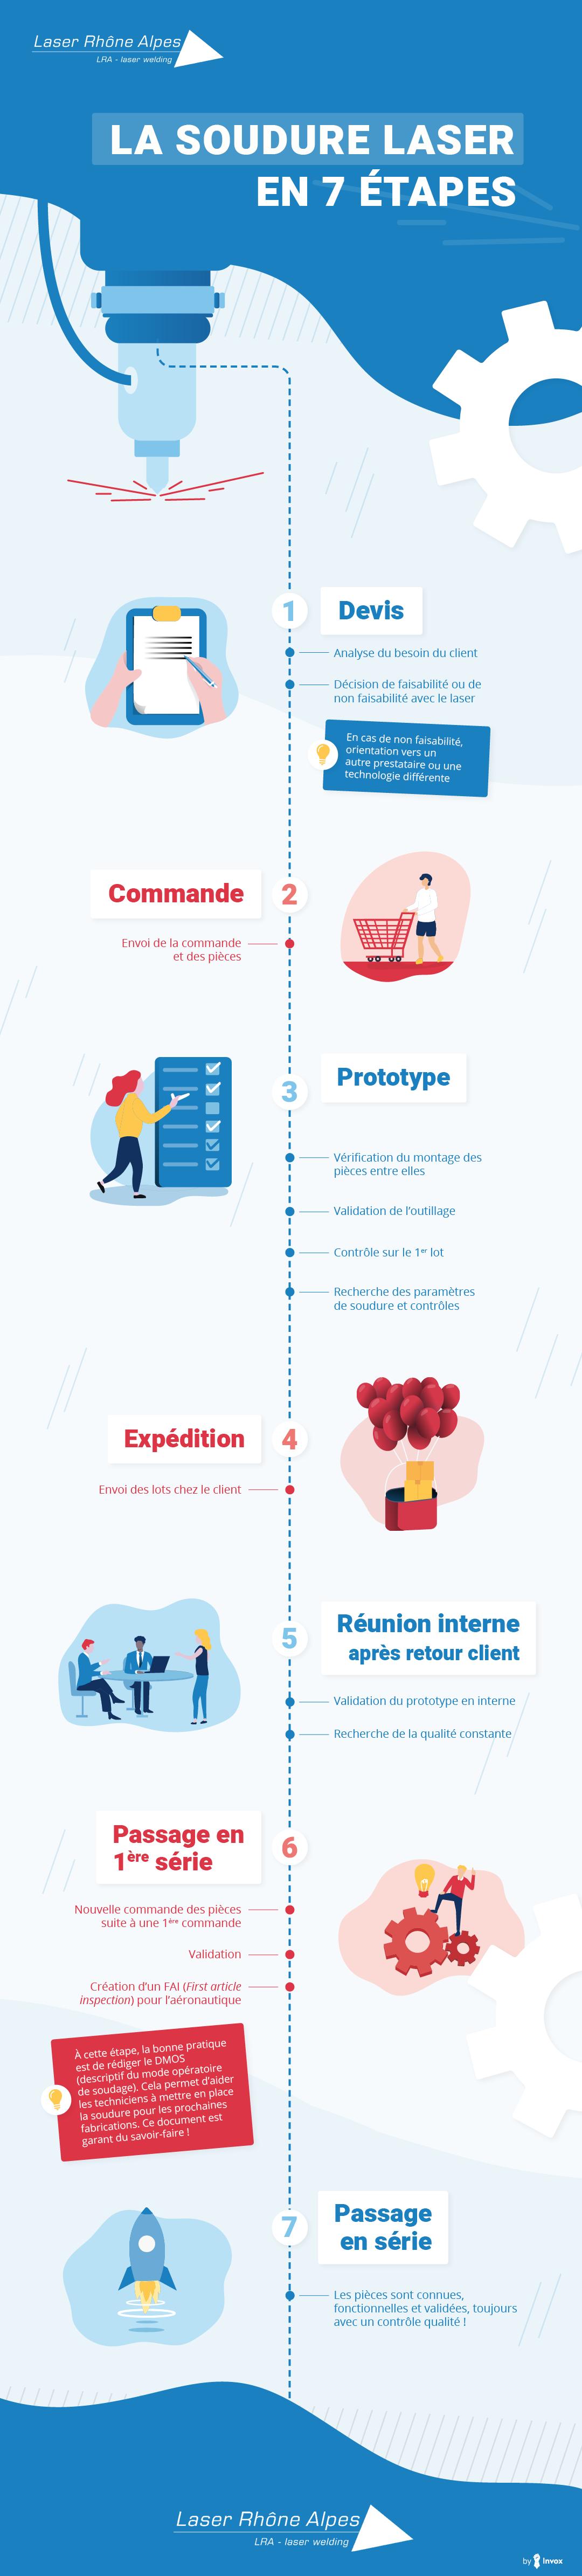 Infographie : les étapes de la soudure laser